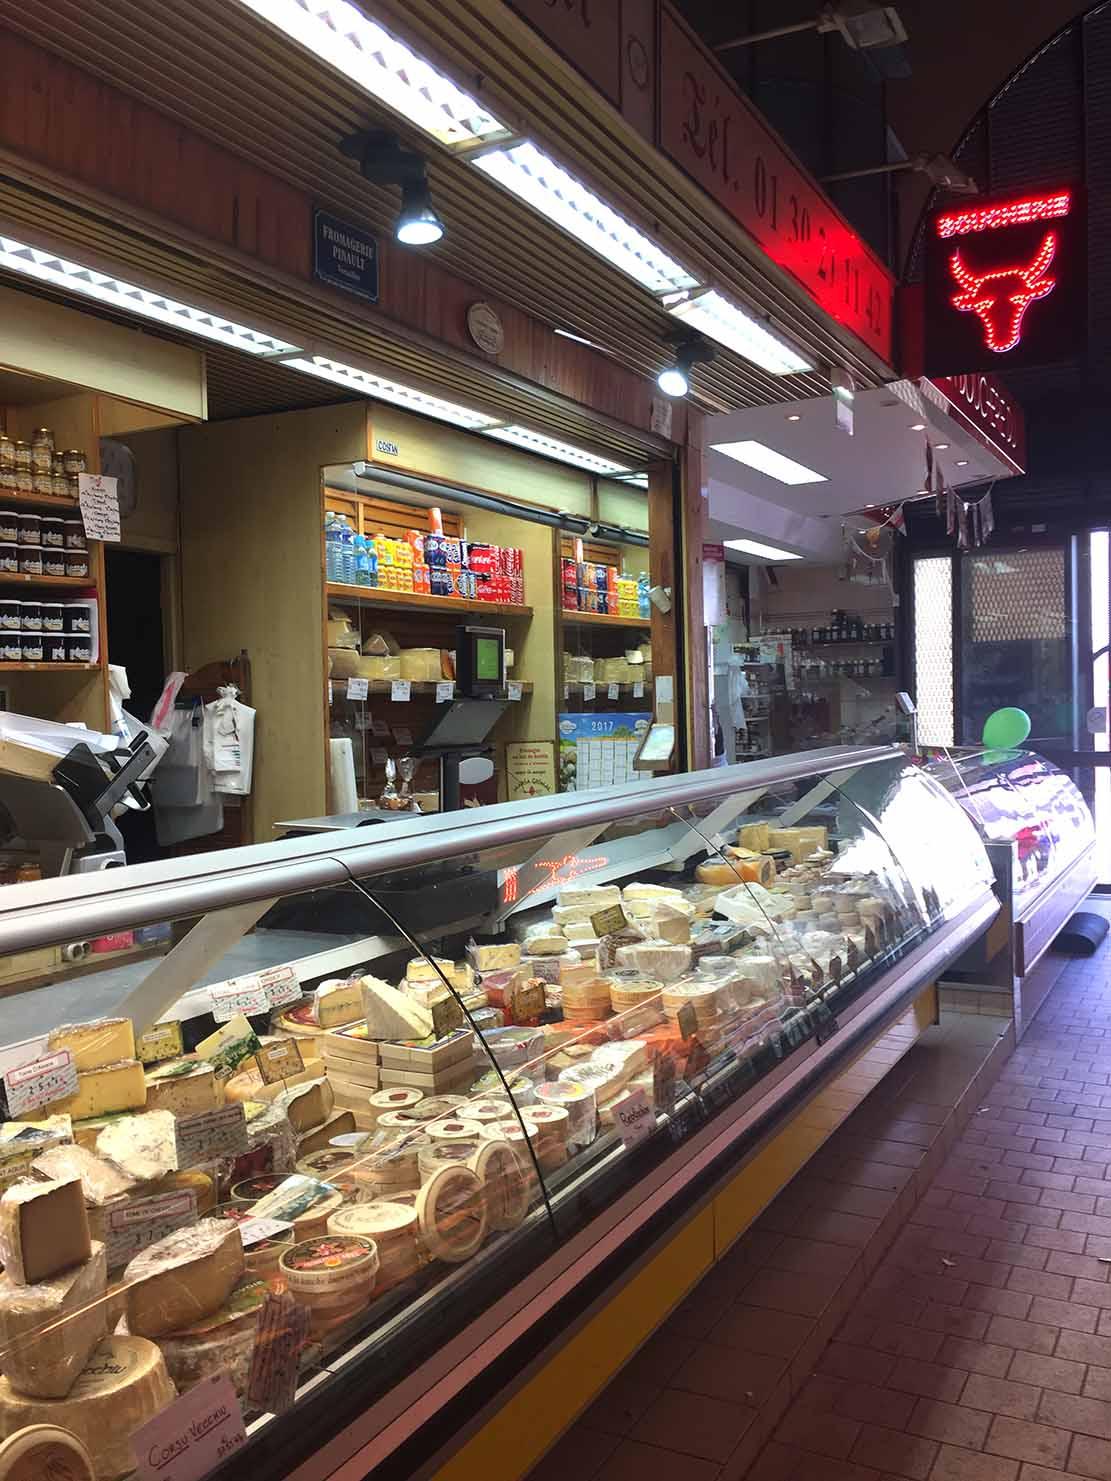 versailles cheese shop - picnic at versailles